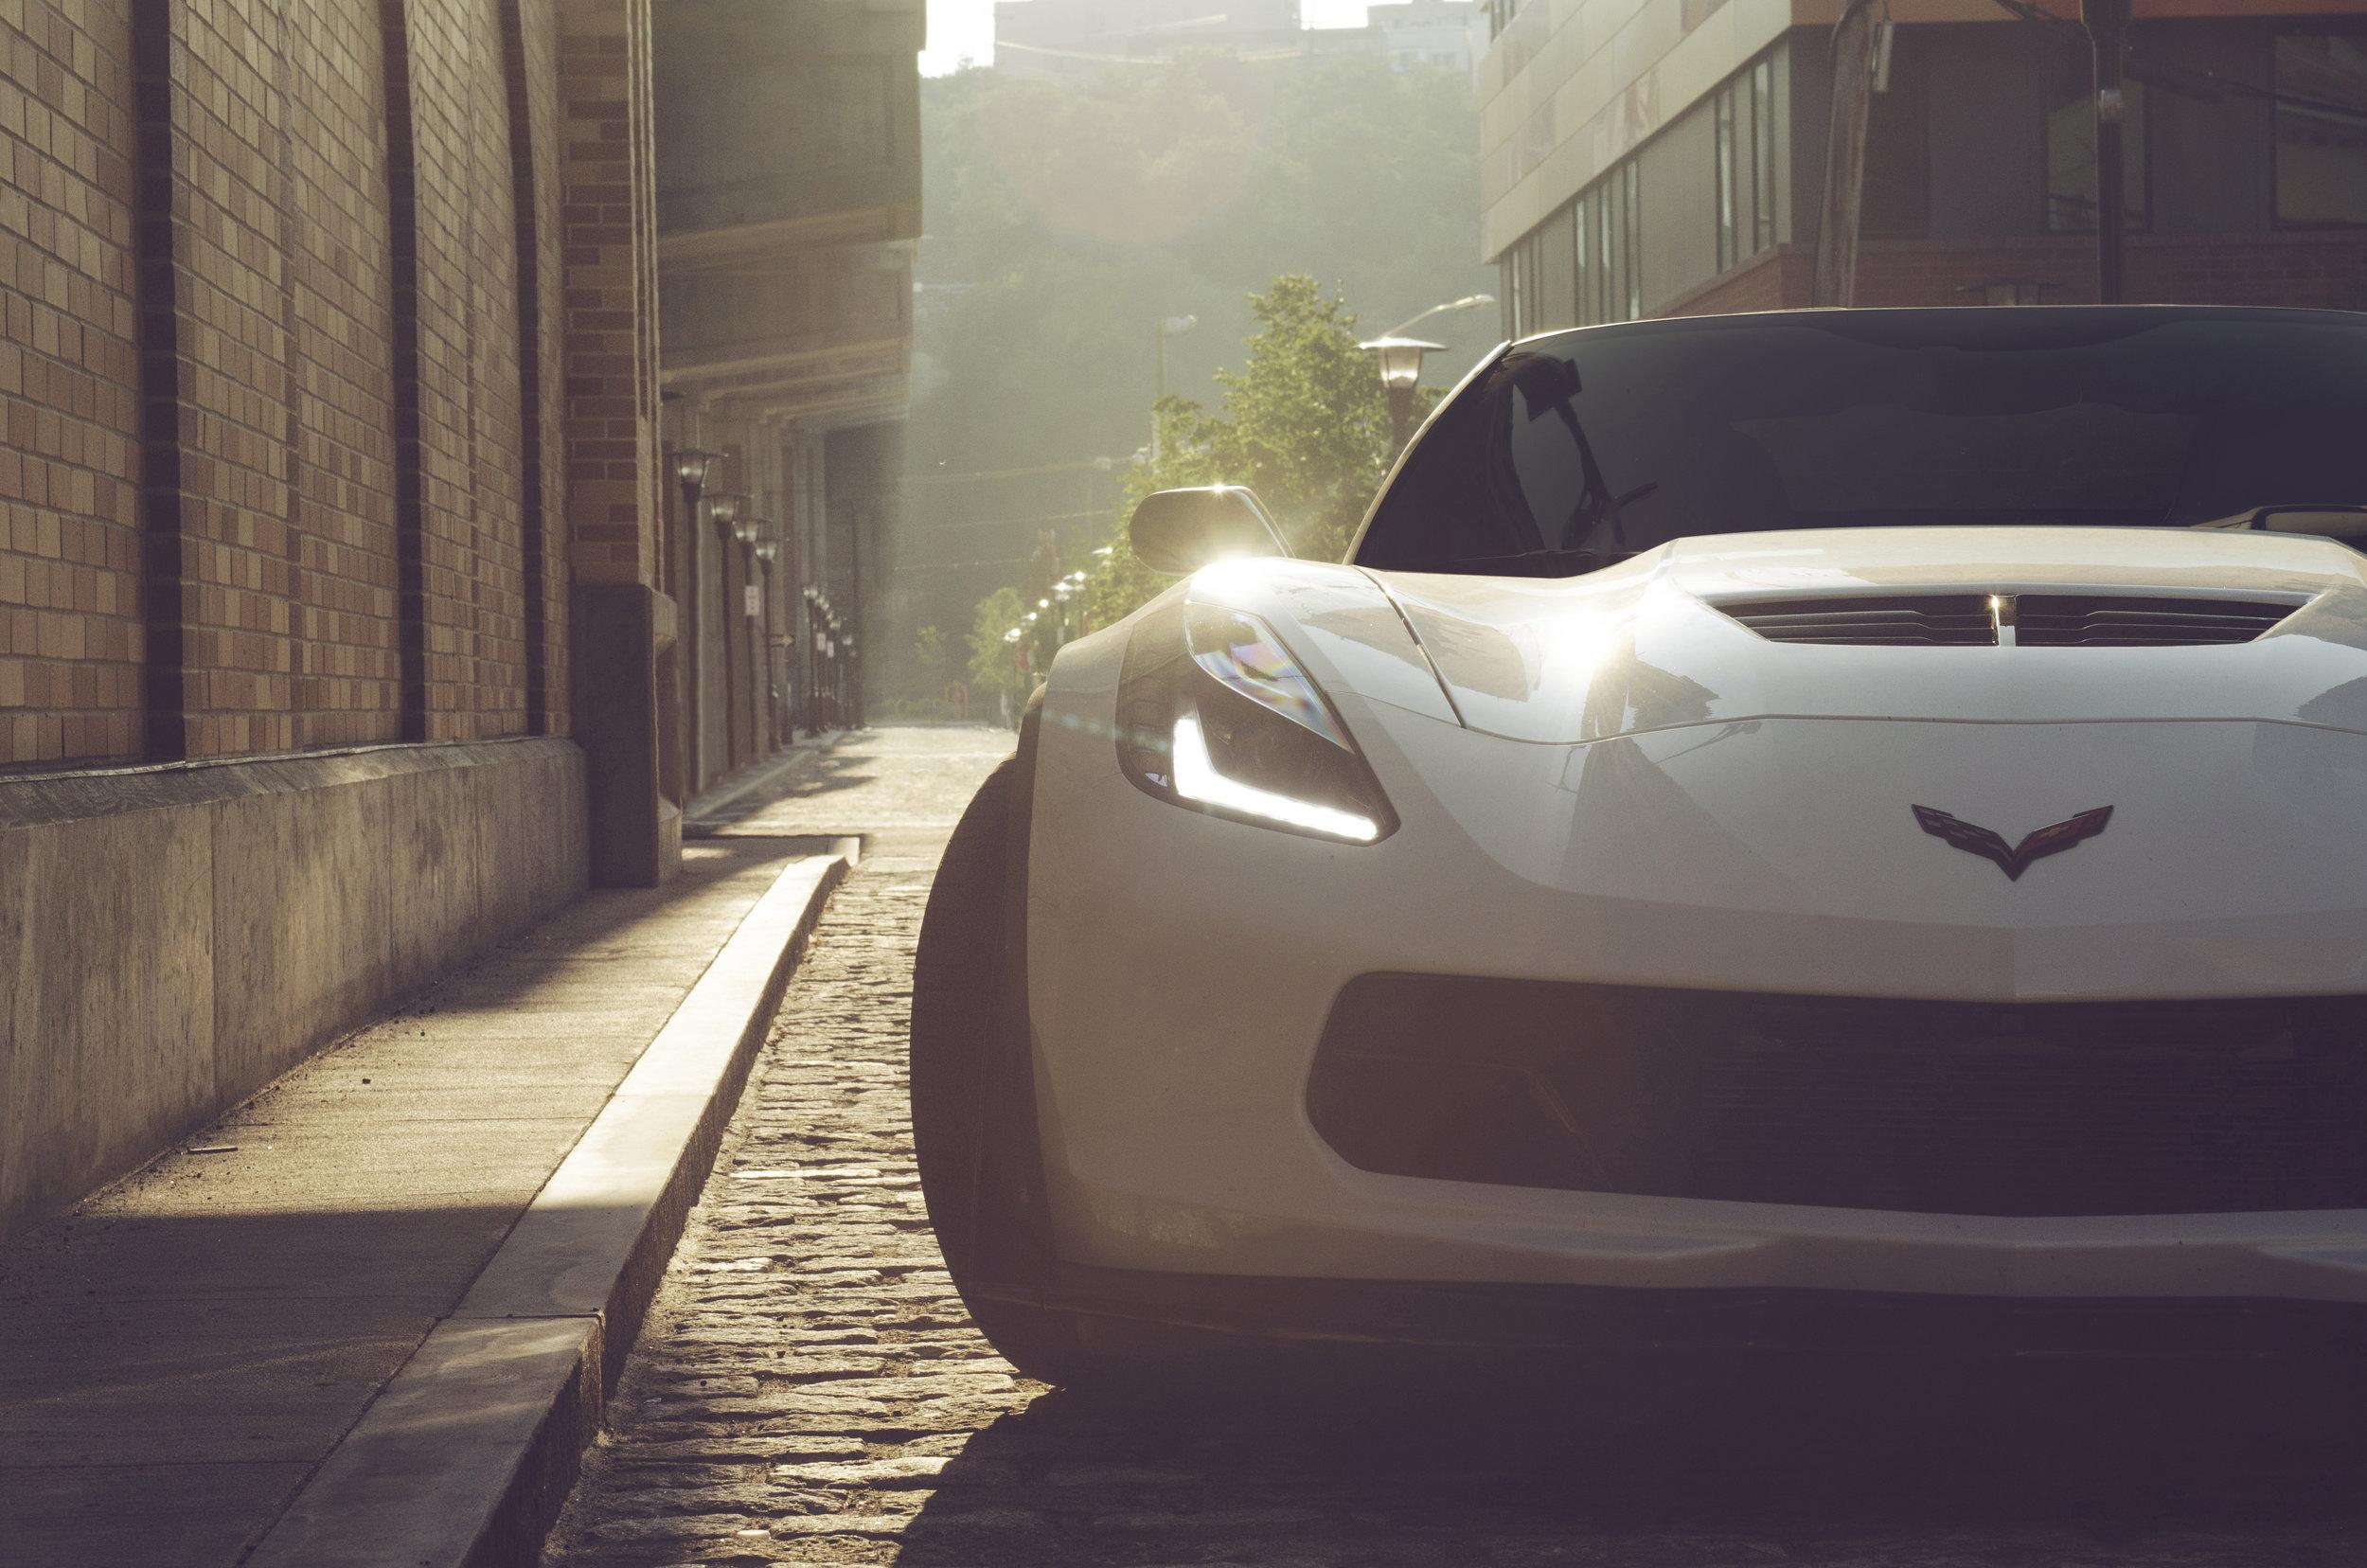 Corvette001